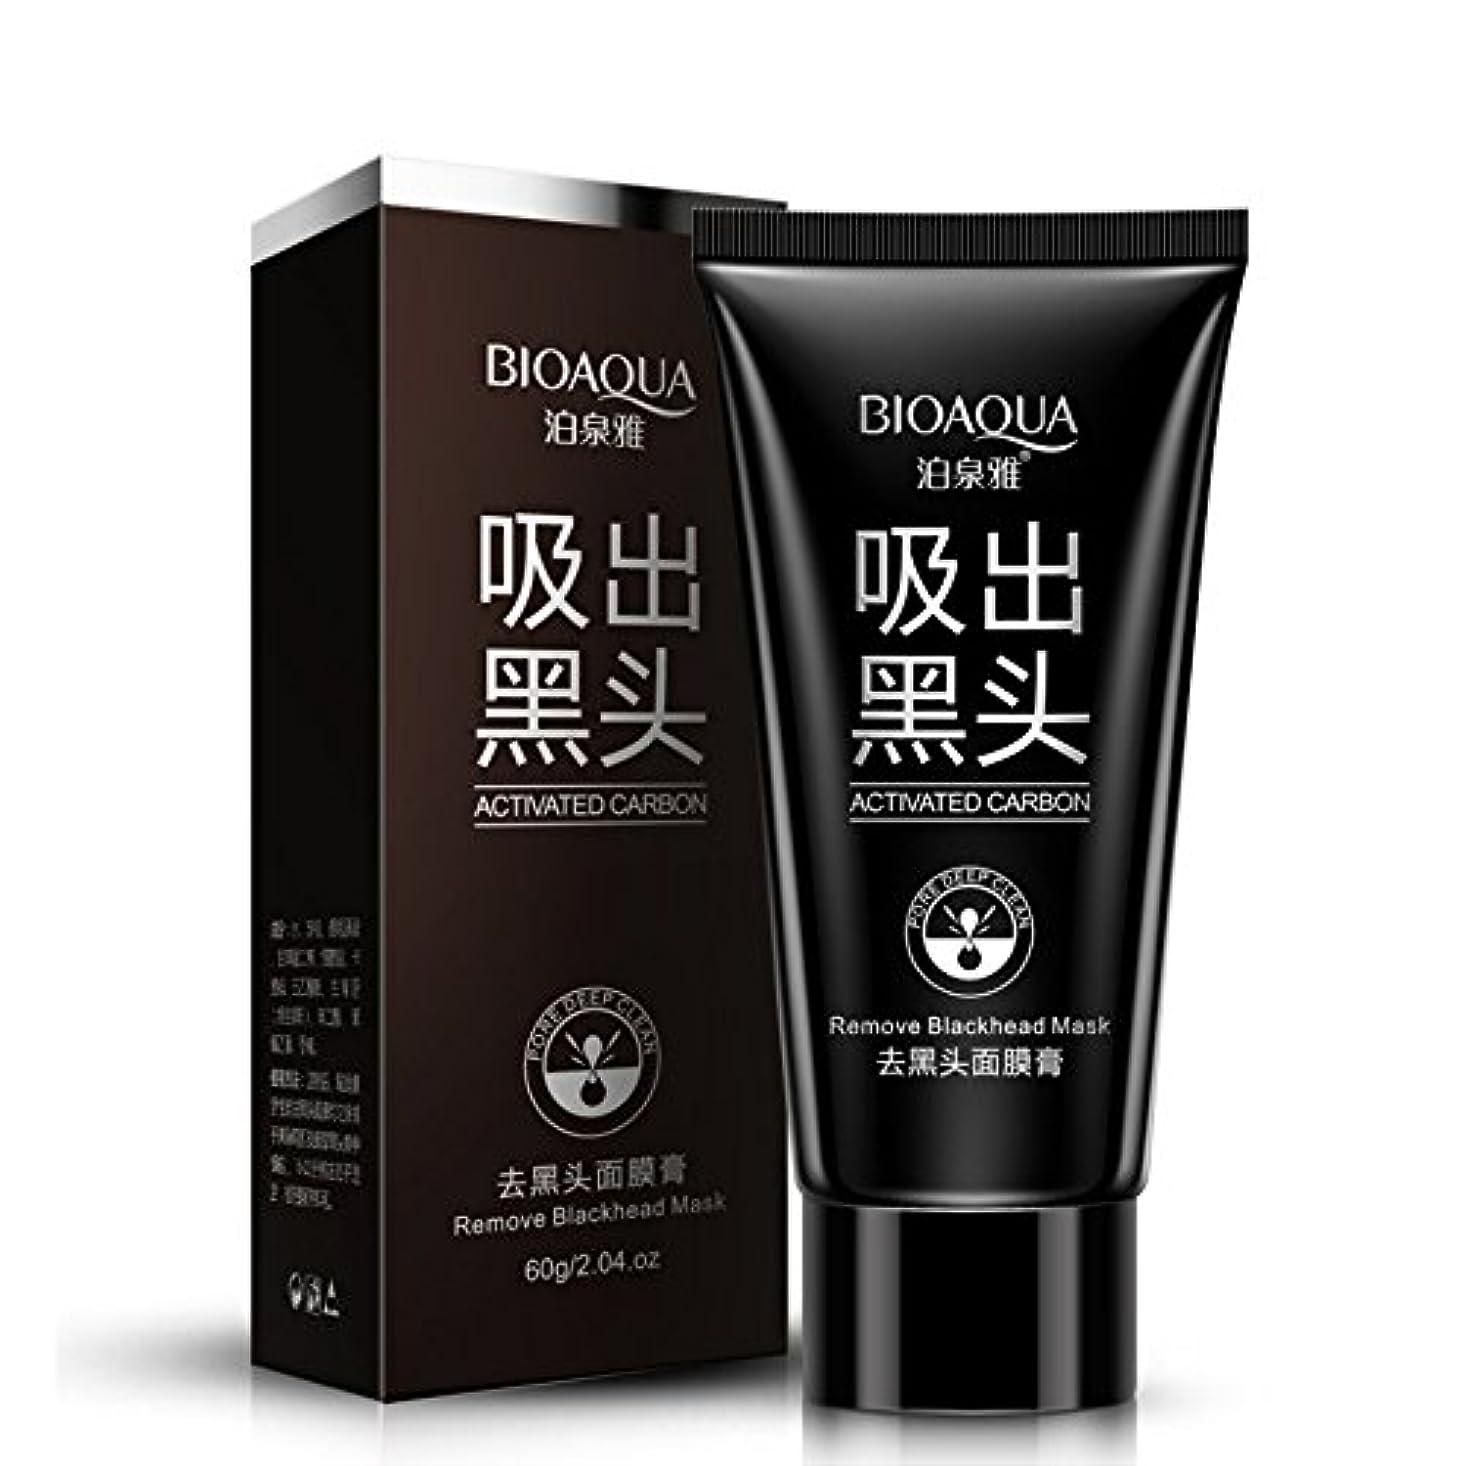 体系的に混乱させる助けてSuction Black Mask Shrink Black Head Spots Pores,Face Mask Blackhead Removal Blackheads Cosmetics Facials Moisturizing Skin Care.